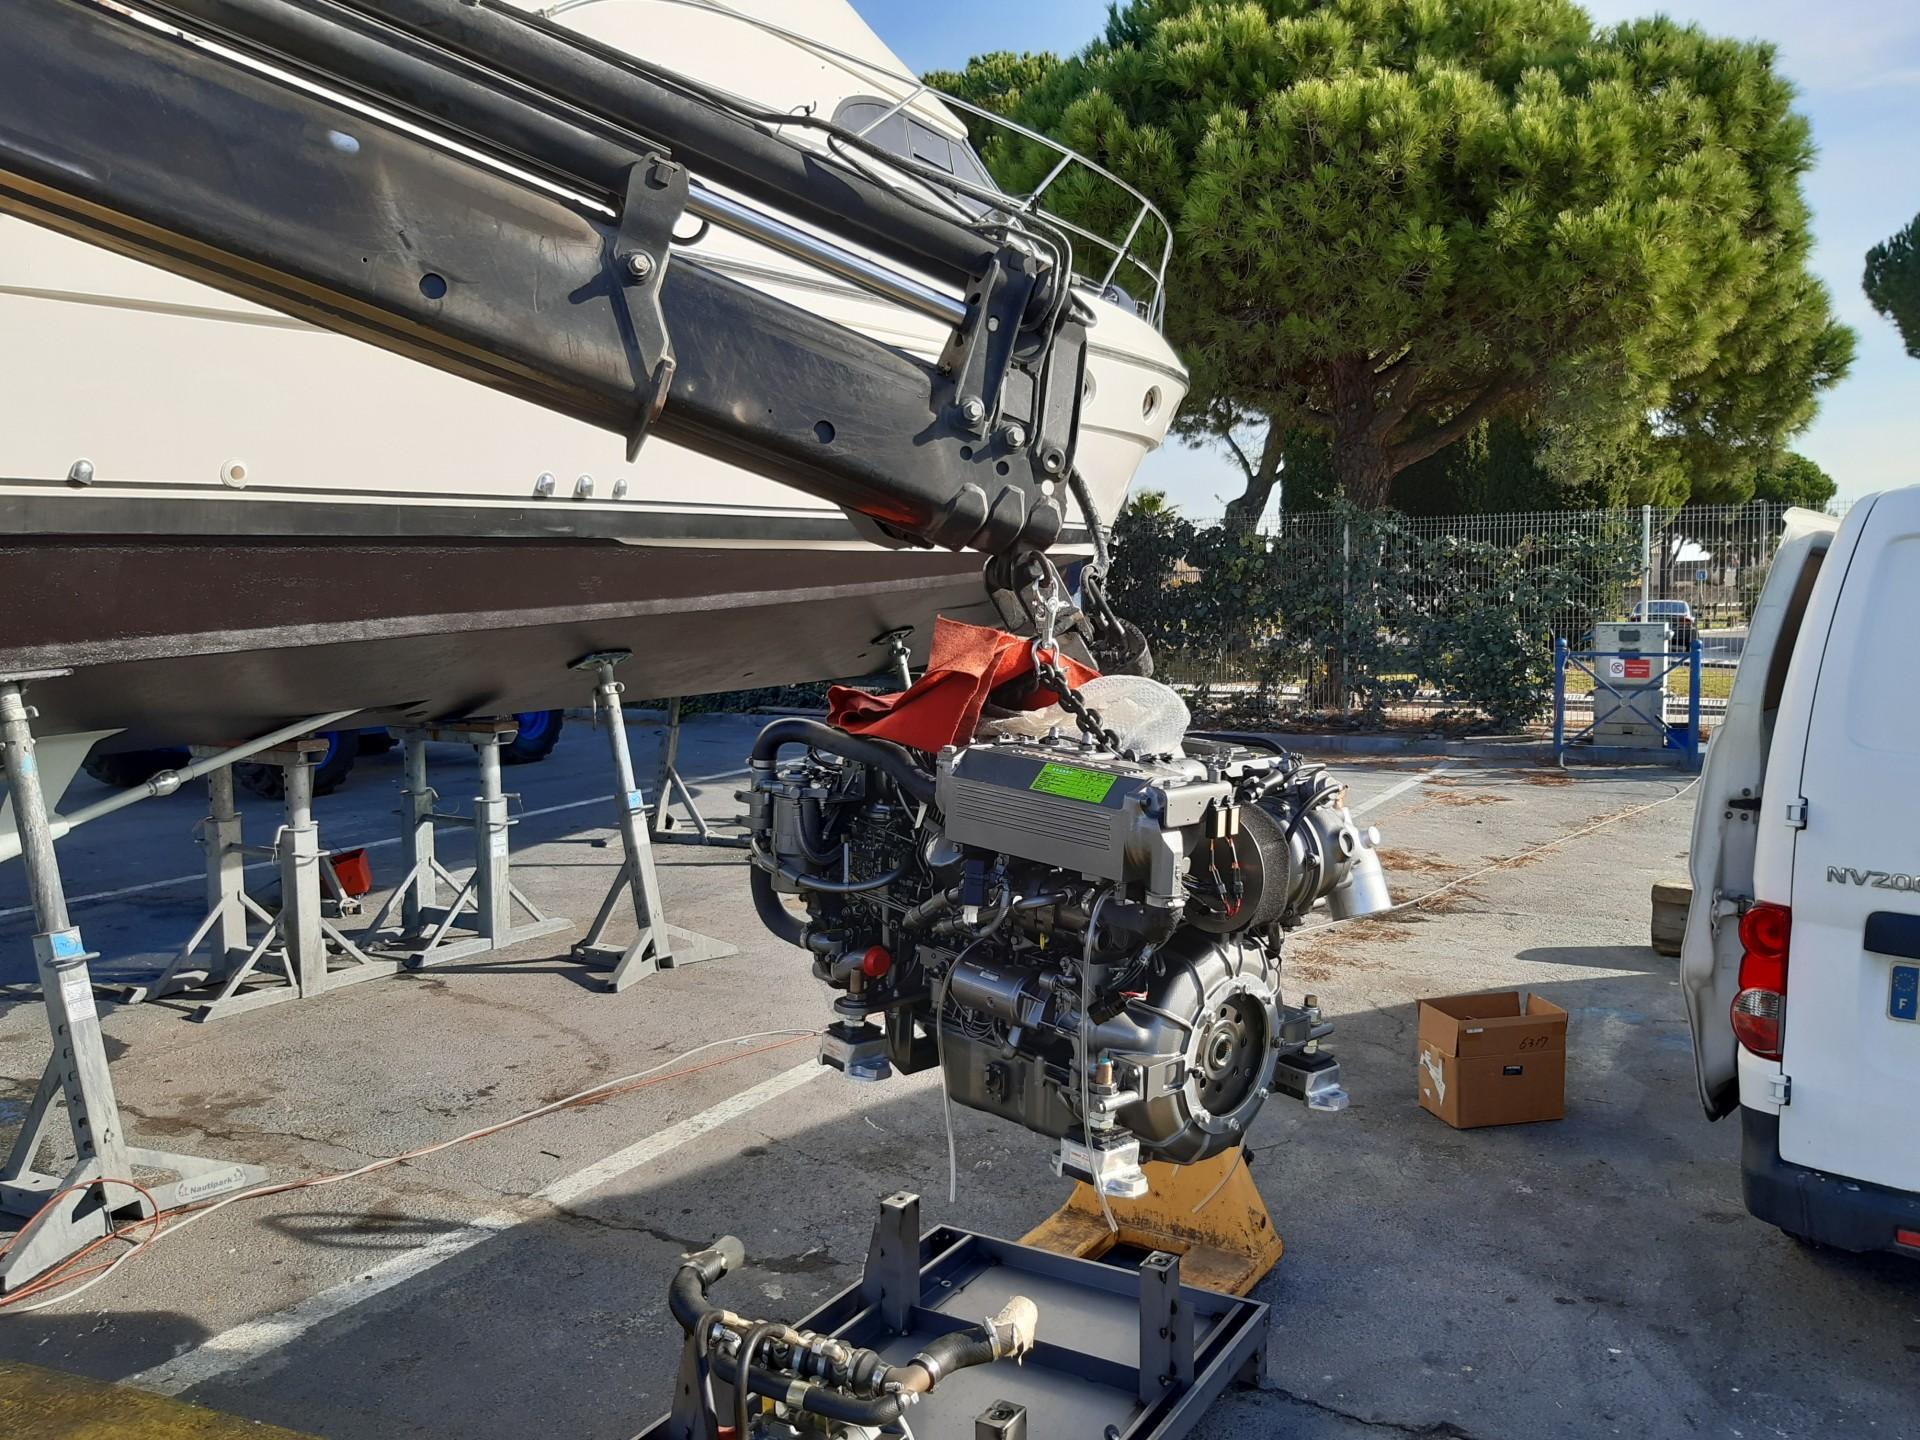 Grutage moteur Yanmar 6lpa stp